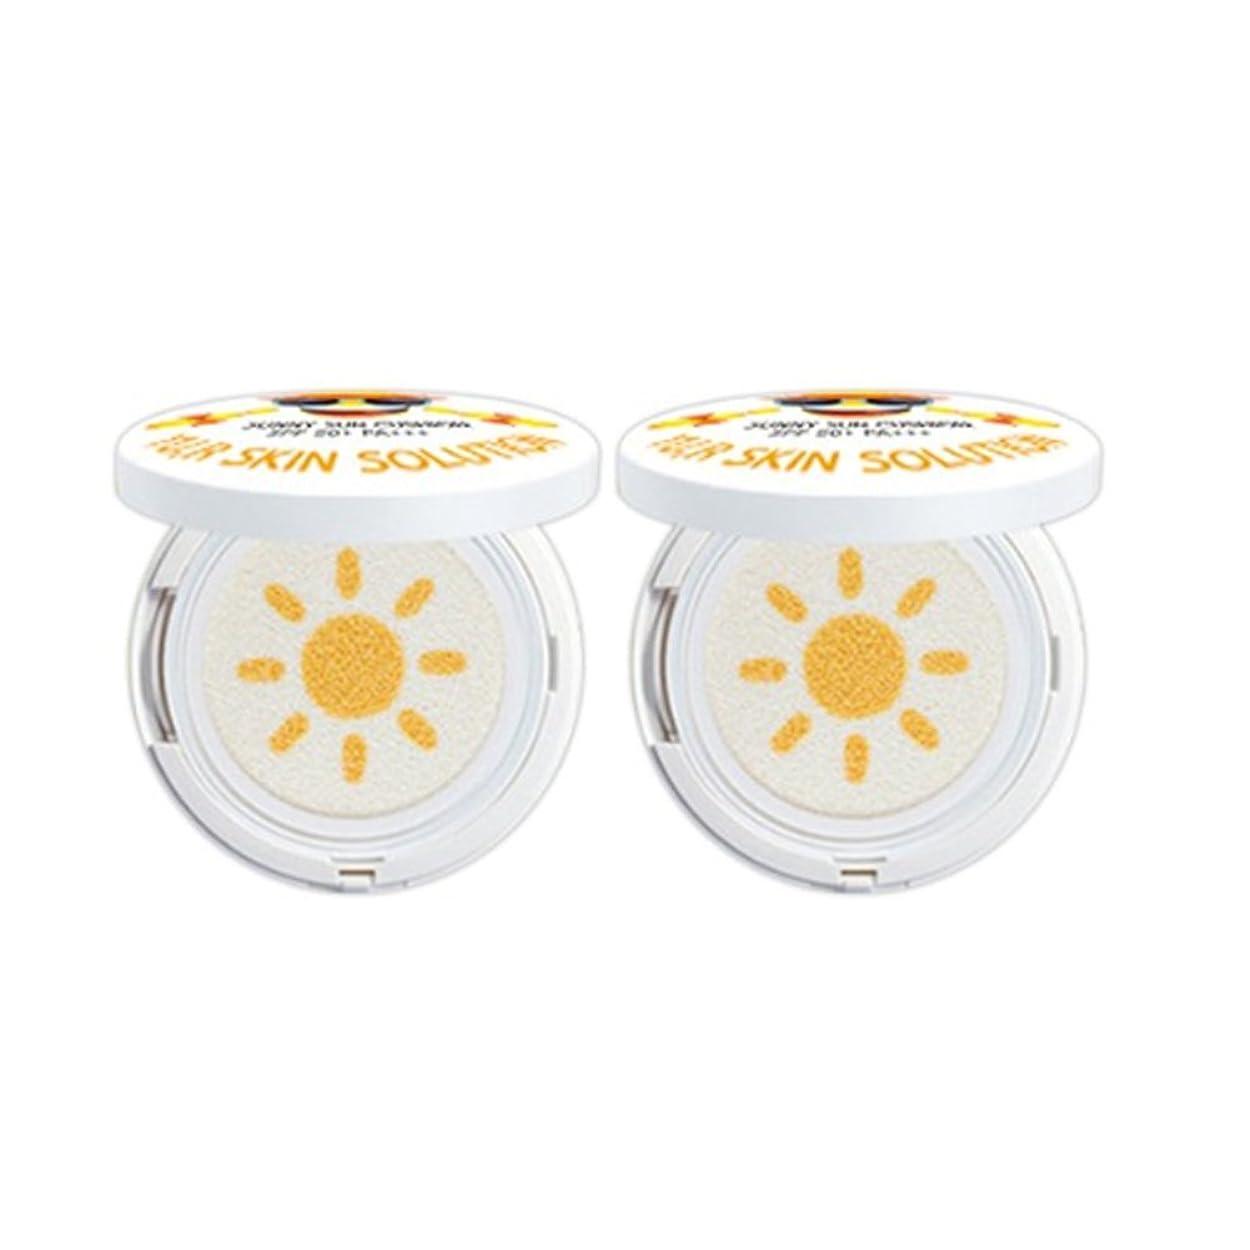 虫を数える細部翻訳者YU.R Skin Solution Sunny Sun Cushion サニー·サン·クシオン SPF50+,PA+++, 0.88oz(2pack) [並行輸入品]